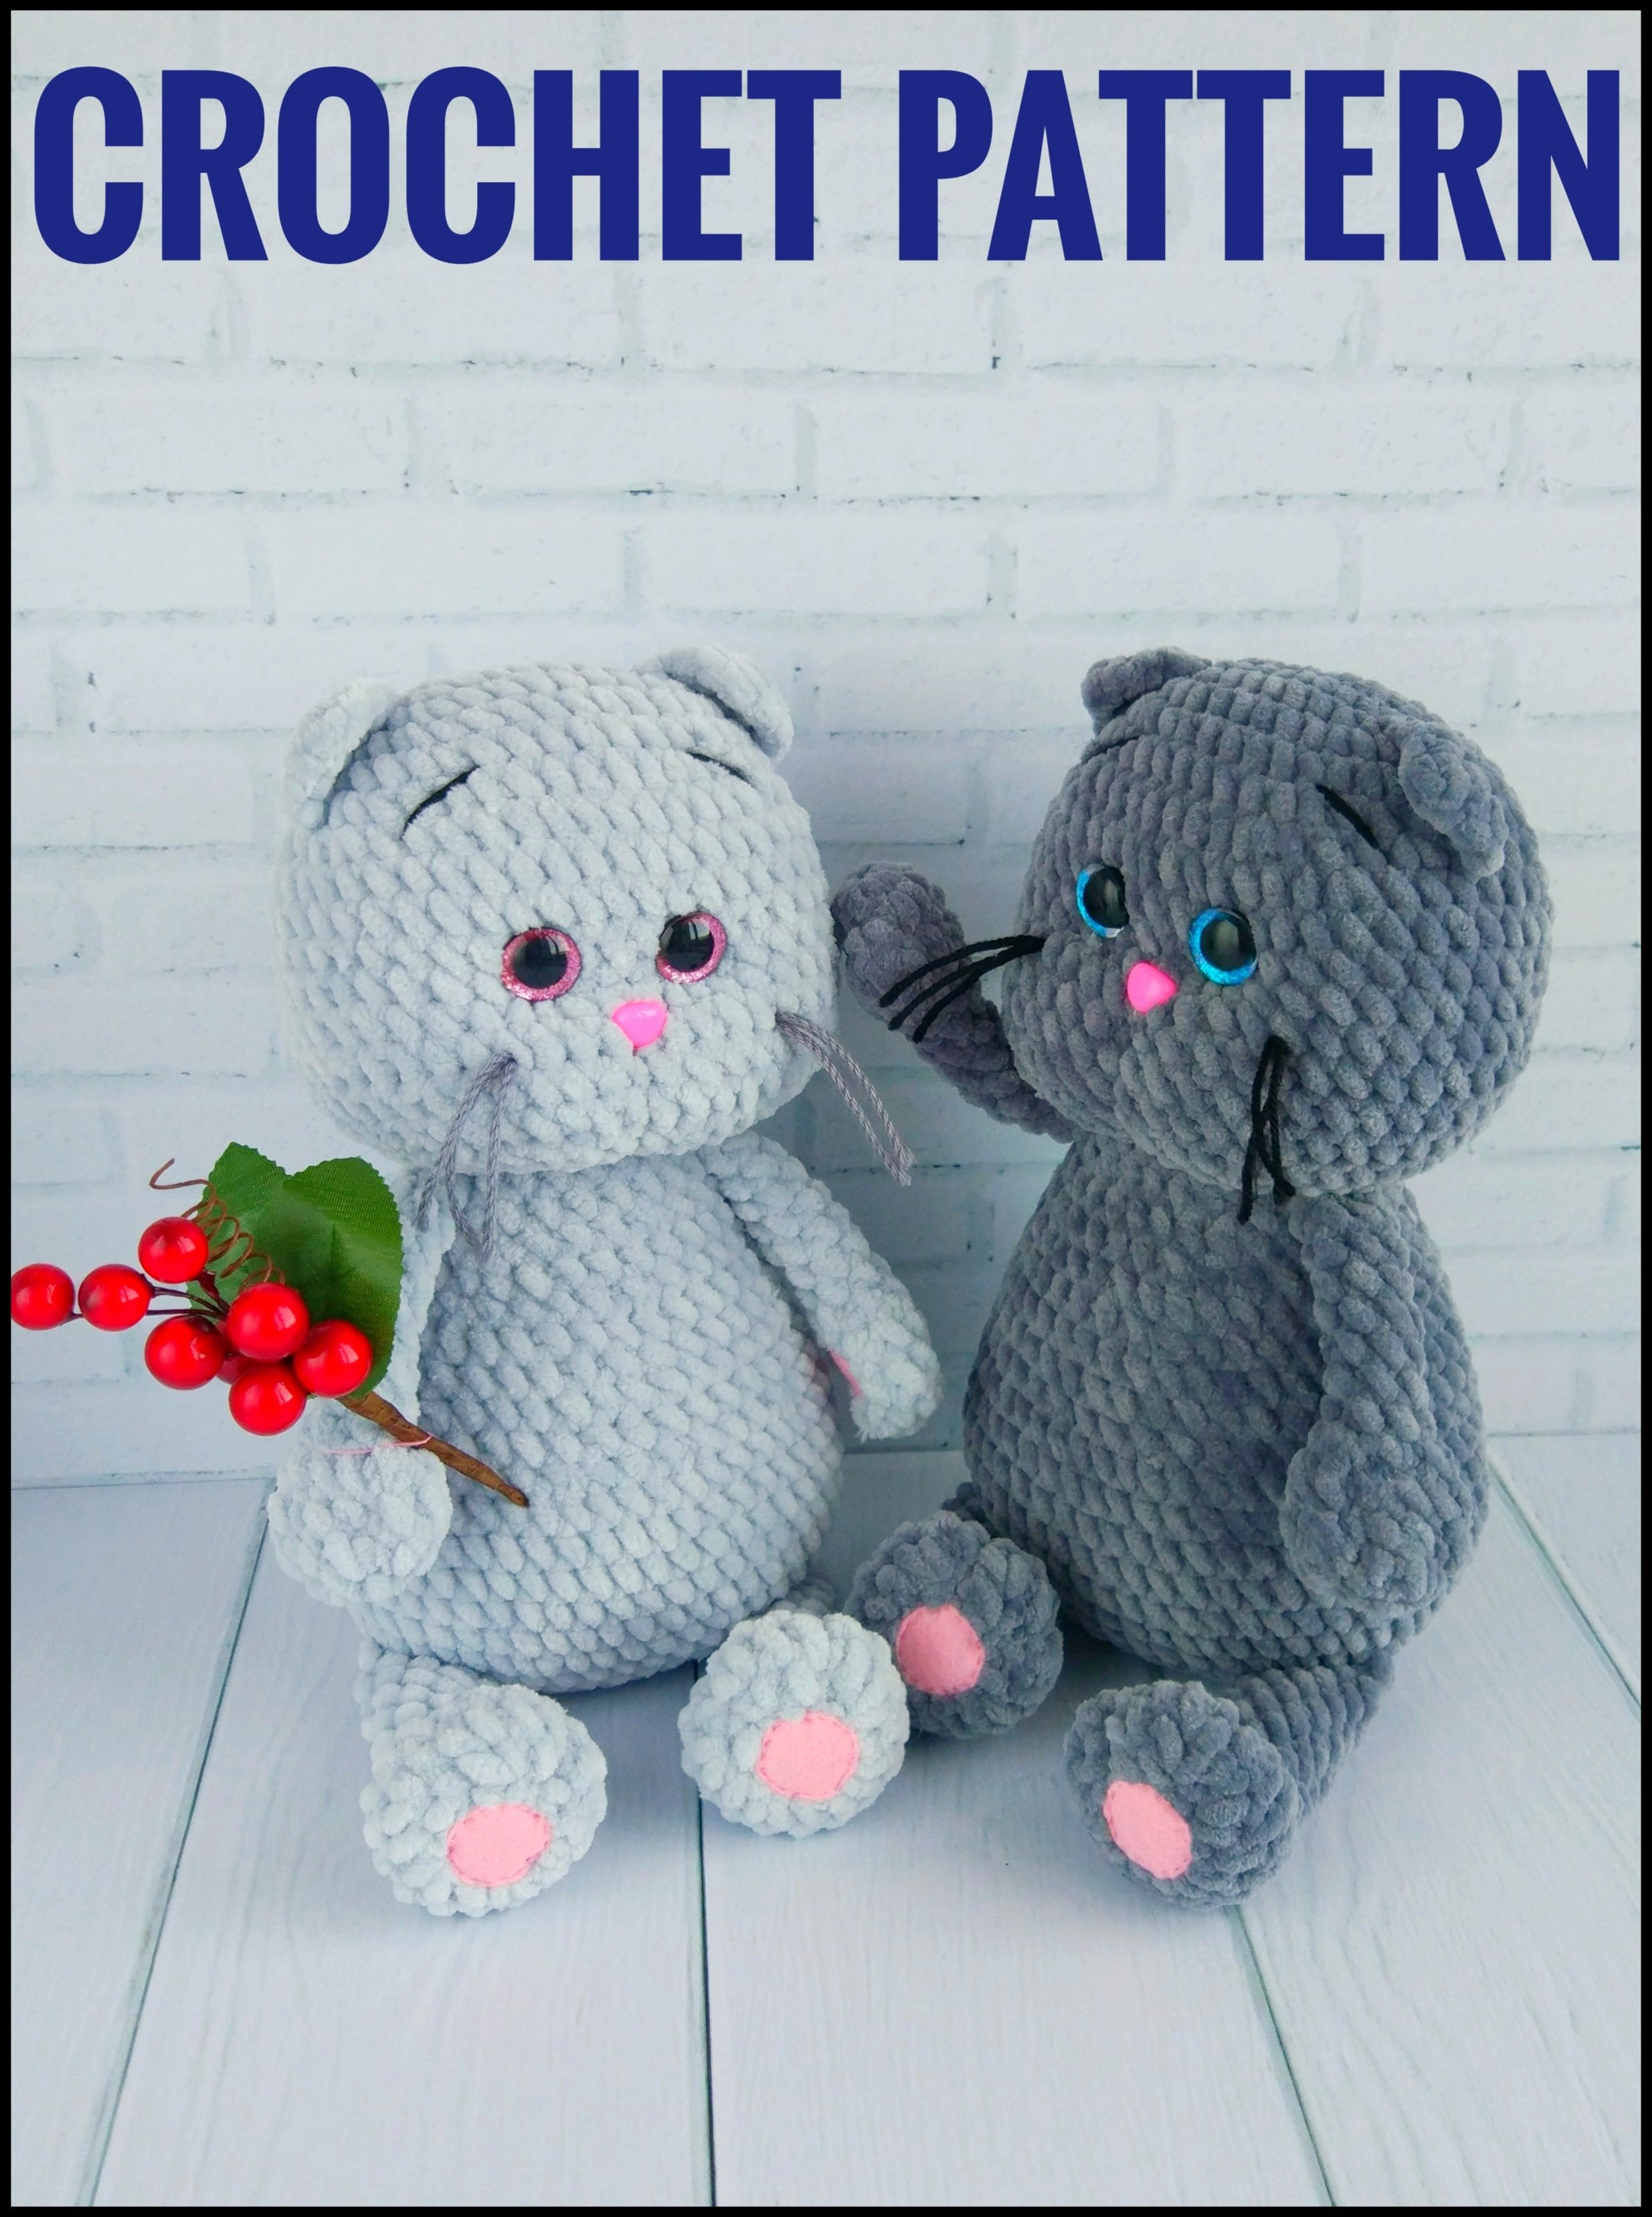 amigurumi pattern cat amigurumi doll pattern amigurumi animals kitten crochet pattern toy pattern crochet Pdf download Cat Pattern Softy